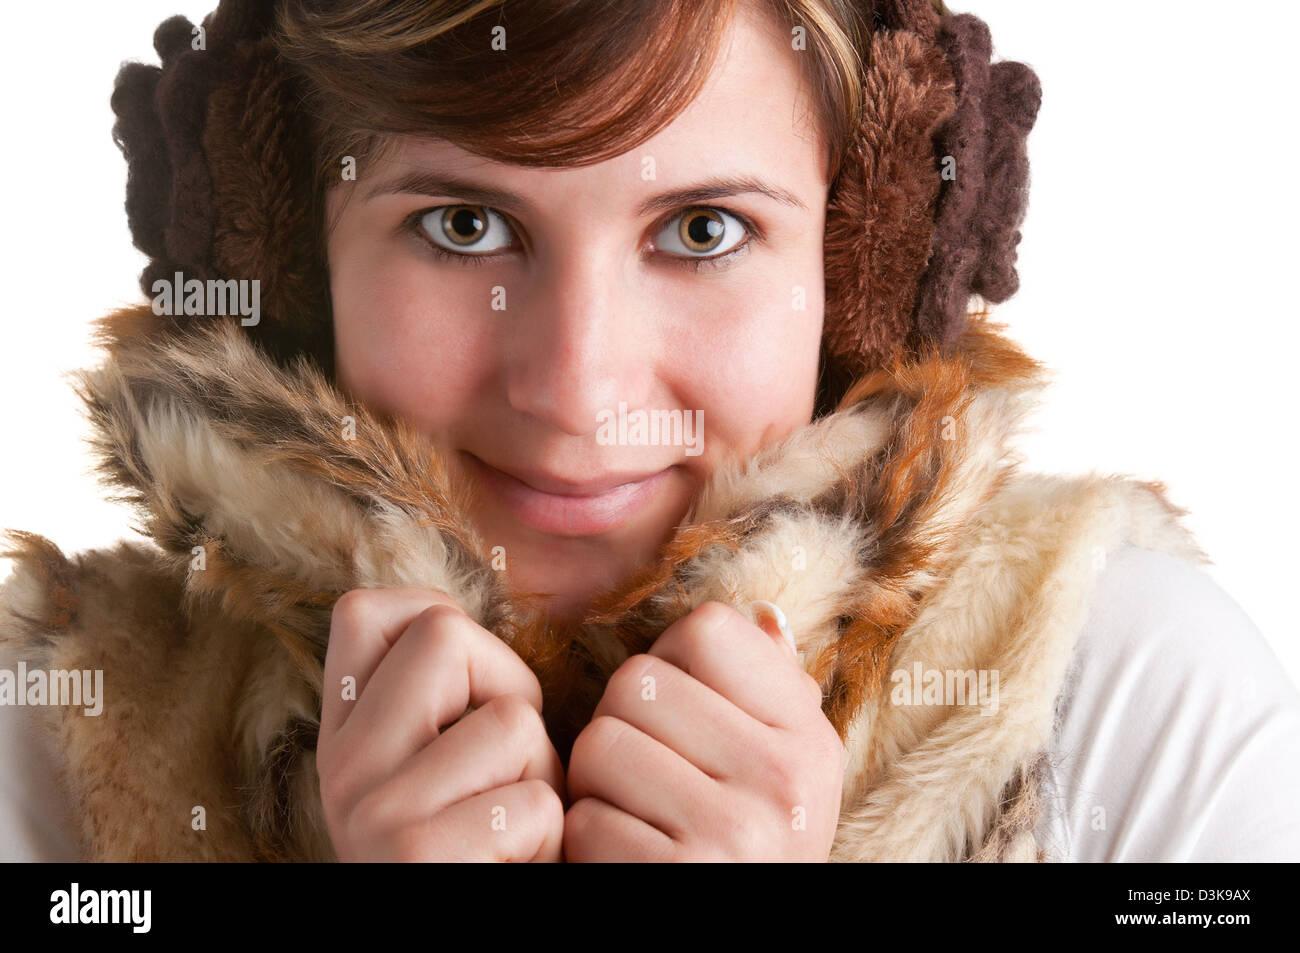 Kalten Frau kuscheln in warmen Mantel in einem weißen Hintergrund isoliert Stockbild